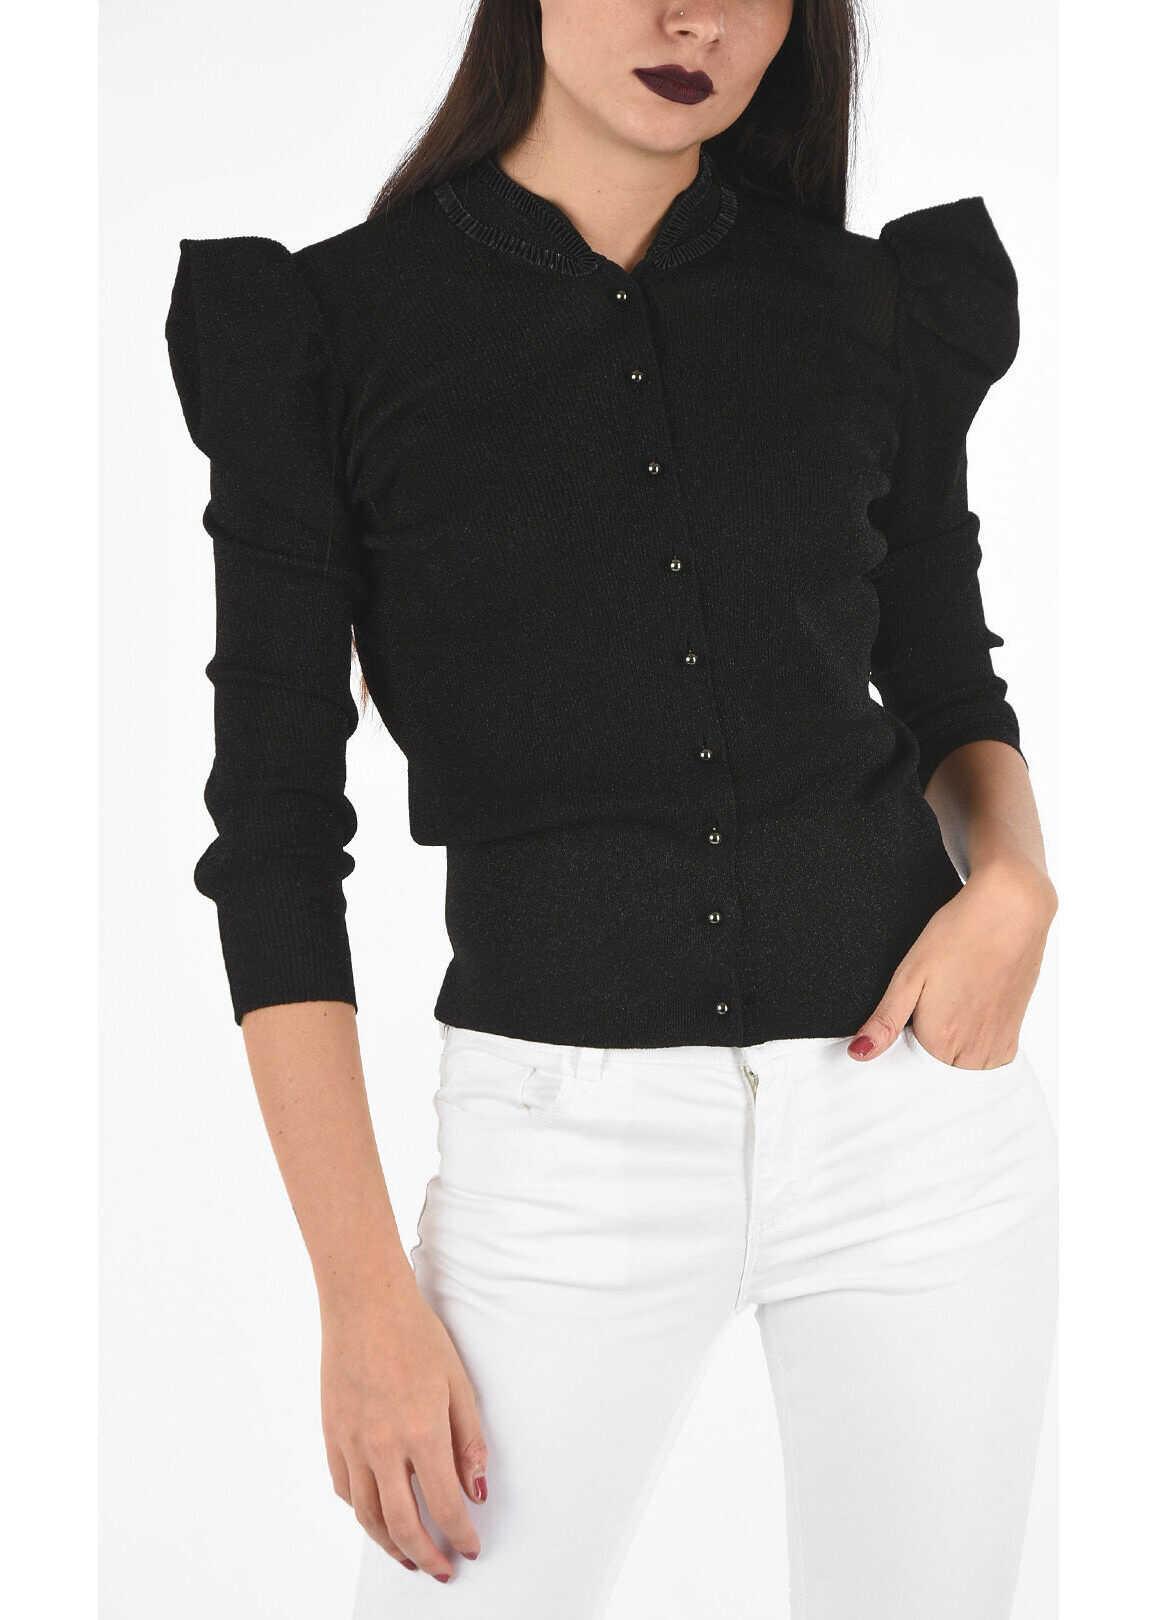 Armani EMPORIO Glittered Cardigan BLACK